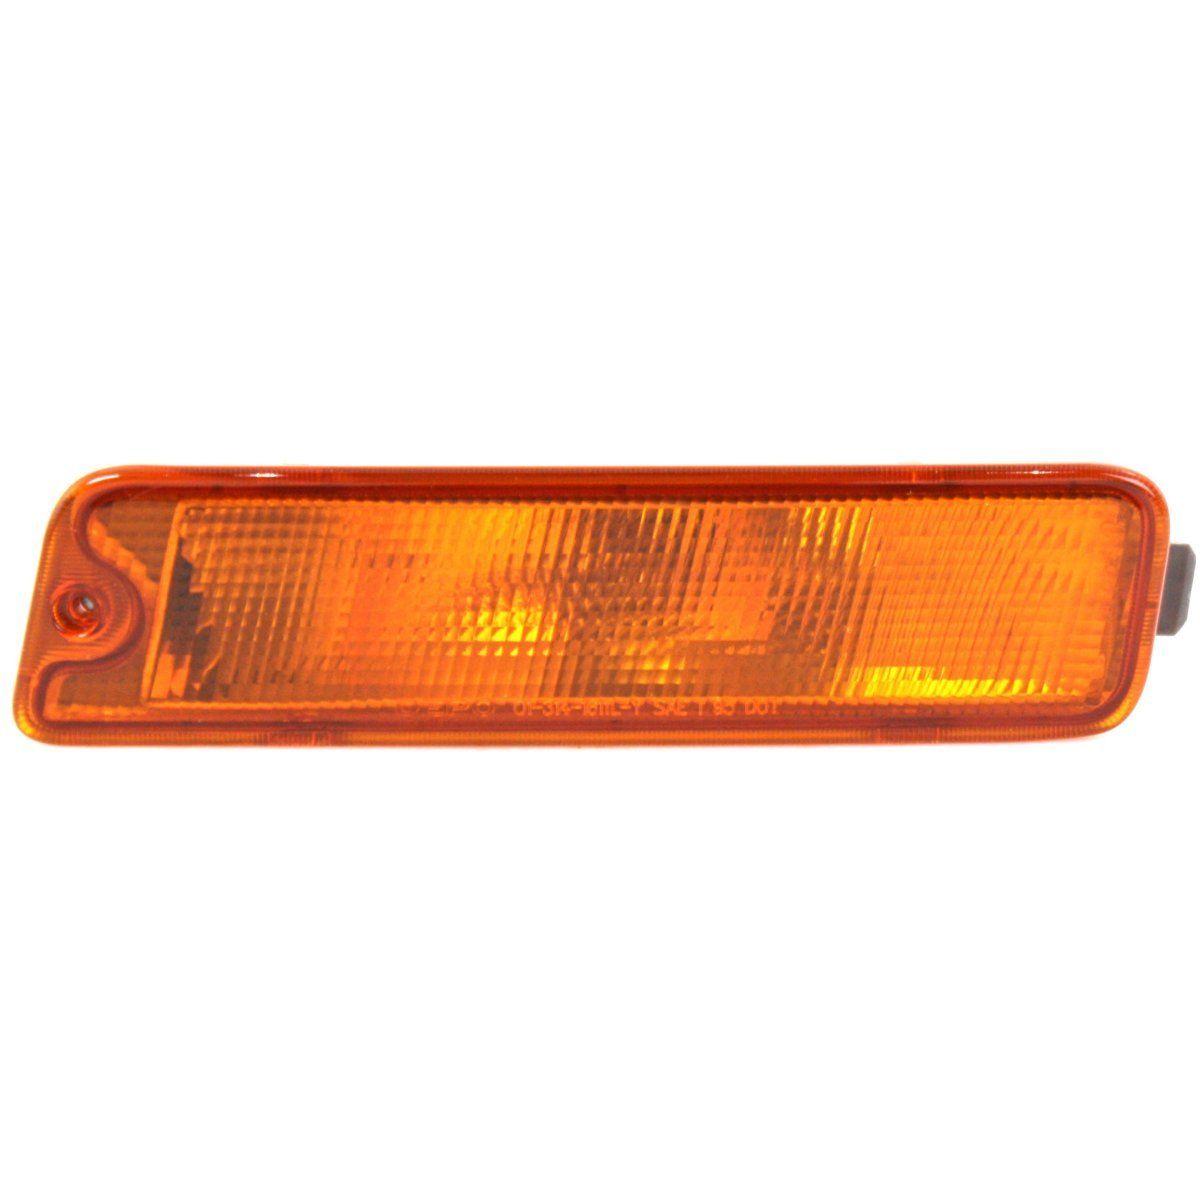 コーナーライト Parking Light For 97-99 Mitsubishi Montero Sport Driver Side 97-99三菱モンテッロスポーツドライバーサイドの駐車ライト